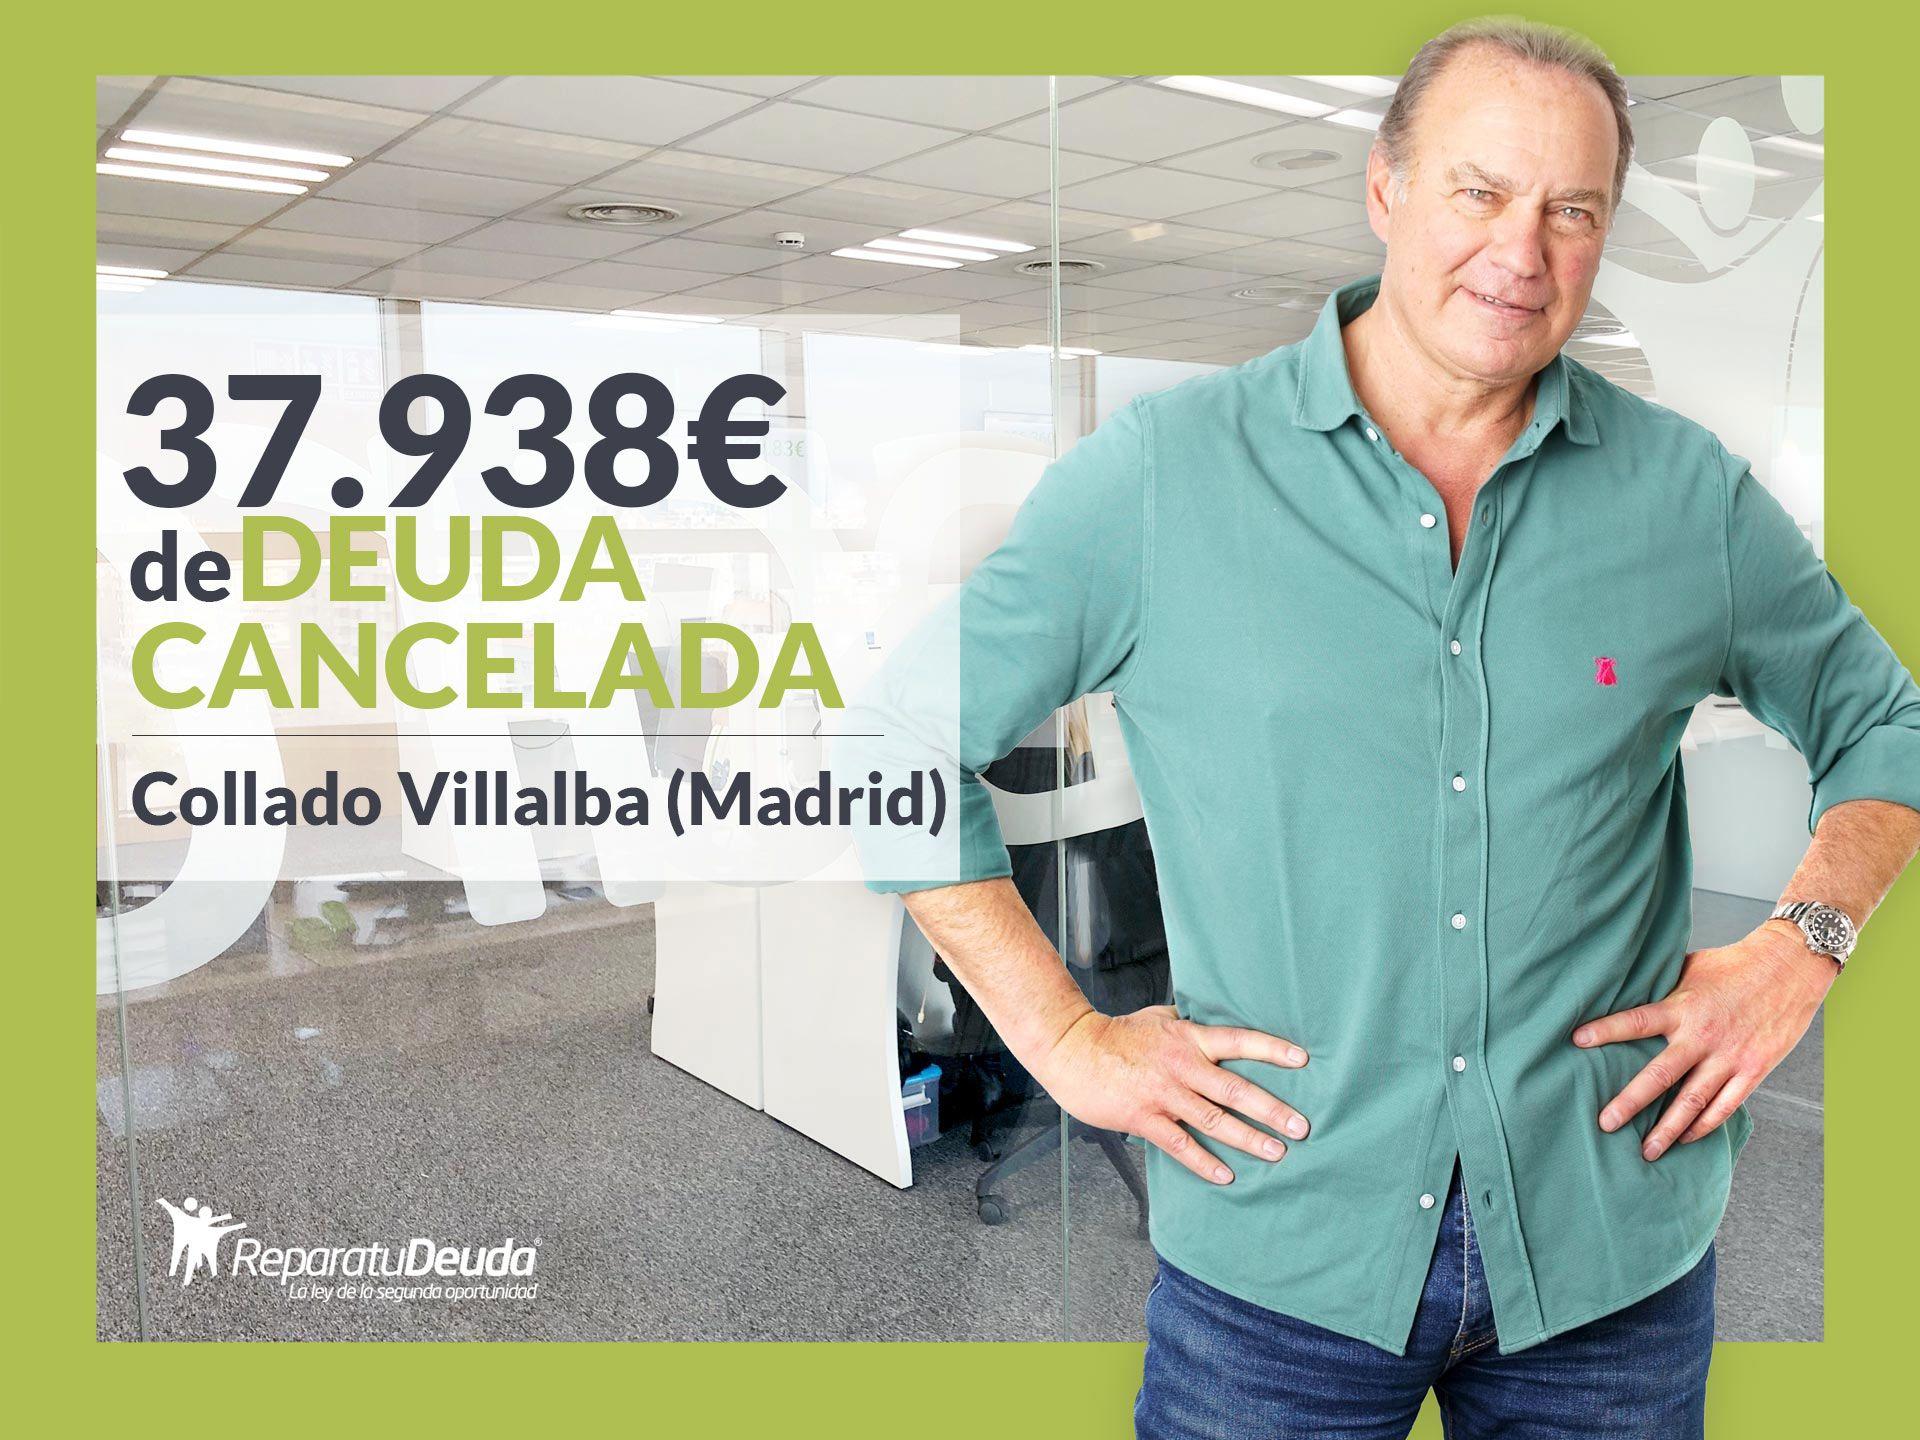 Repara tu Deuda Abogados cancela 37.938 ? en Collado Villalba (Madrid) con la Ley de Segunda Oportunidad